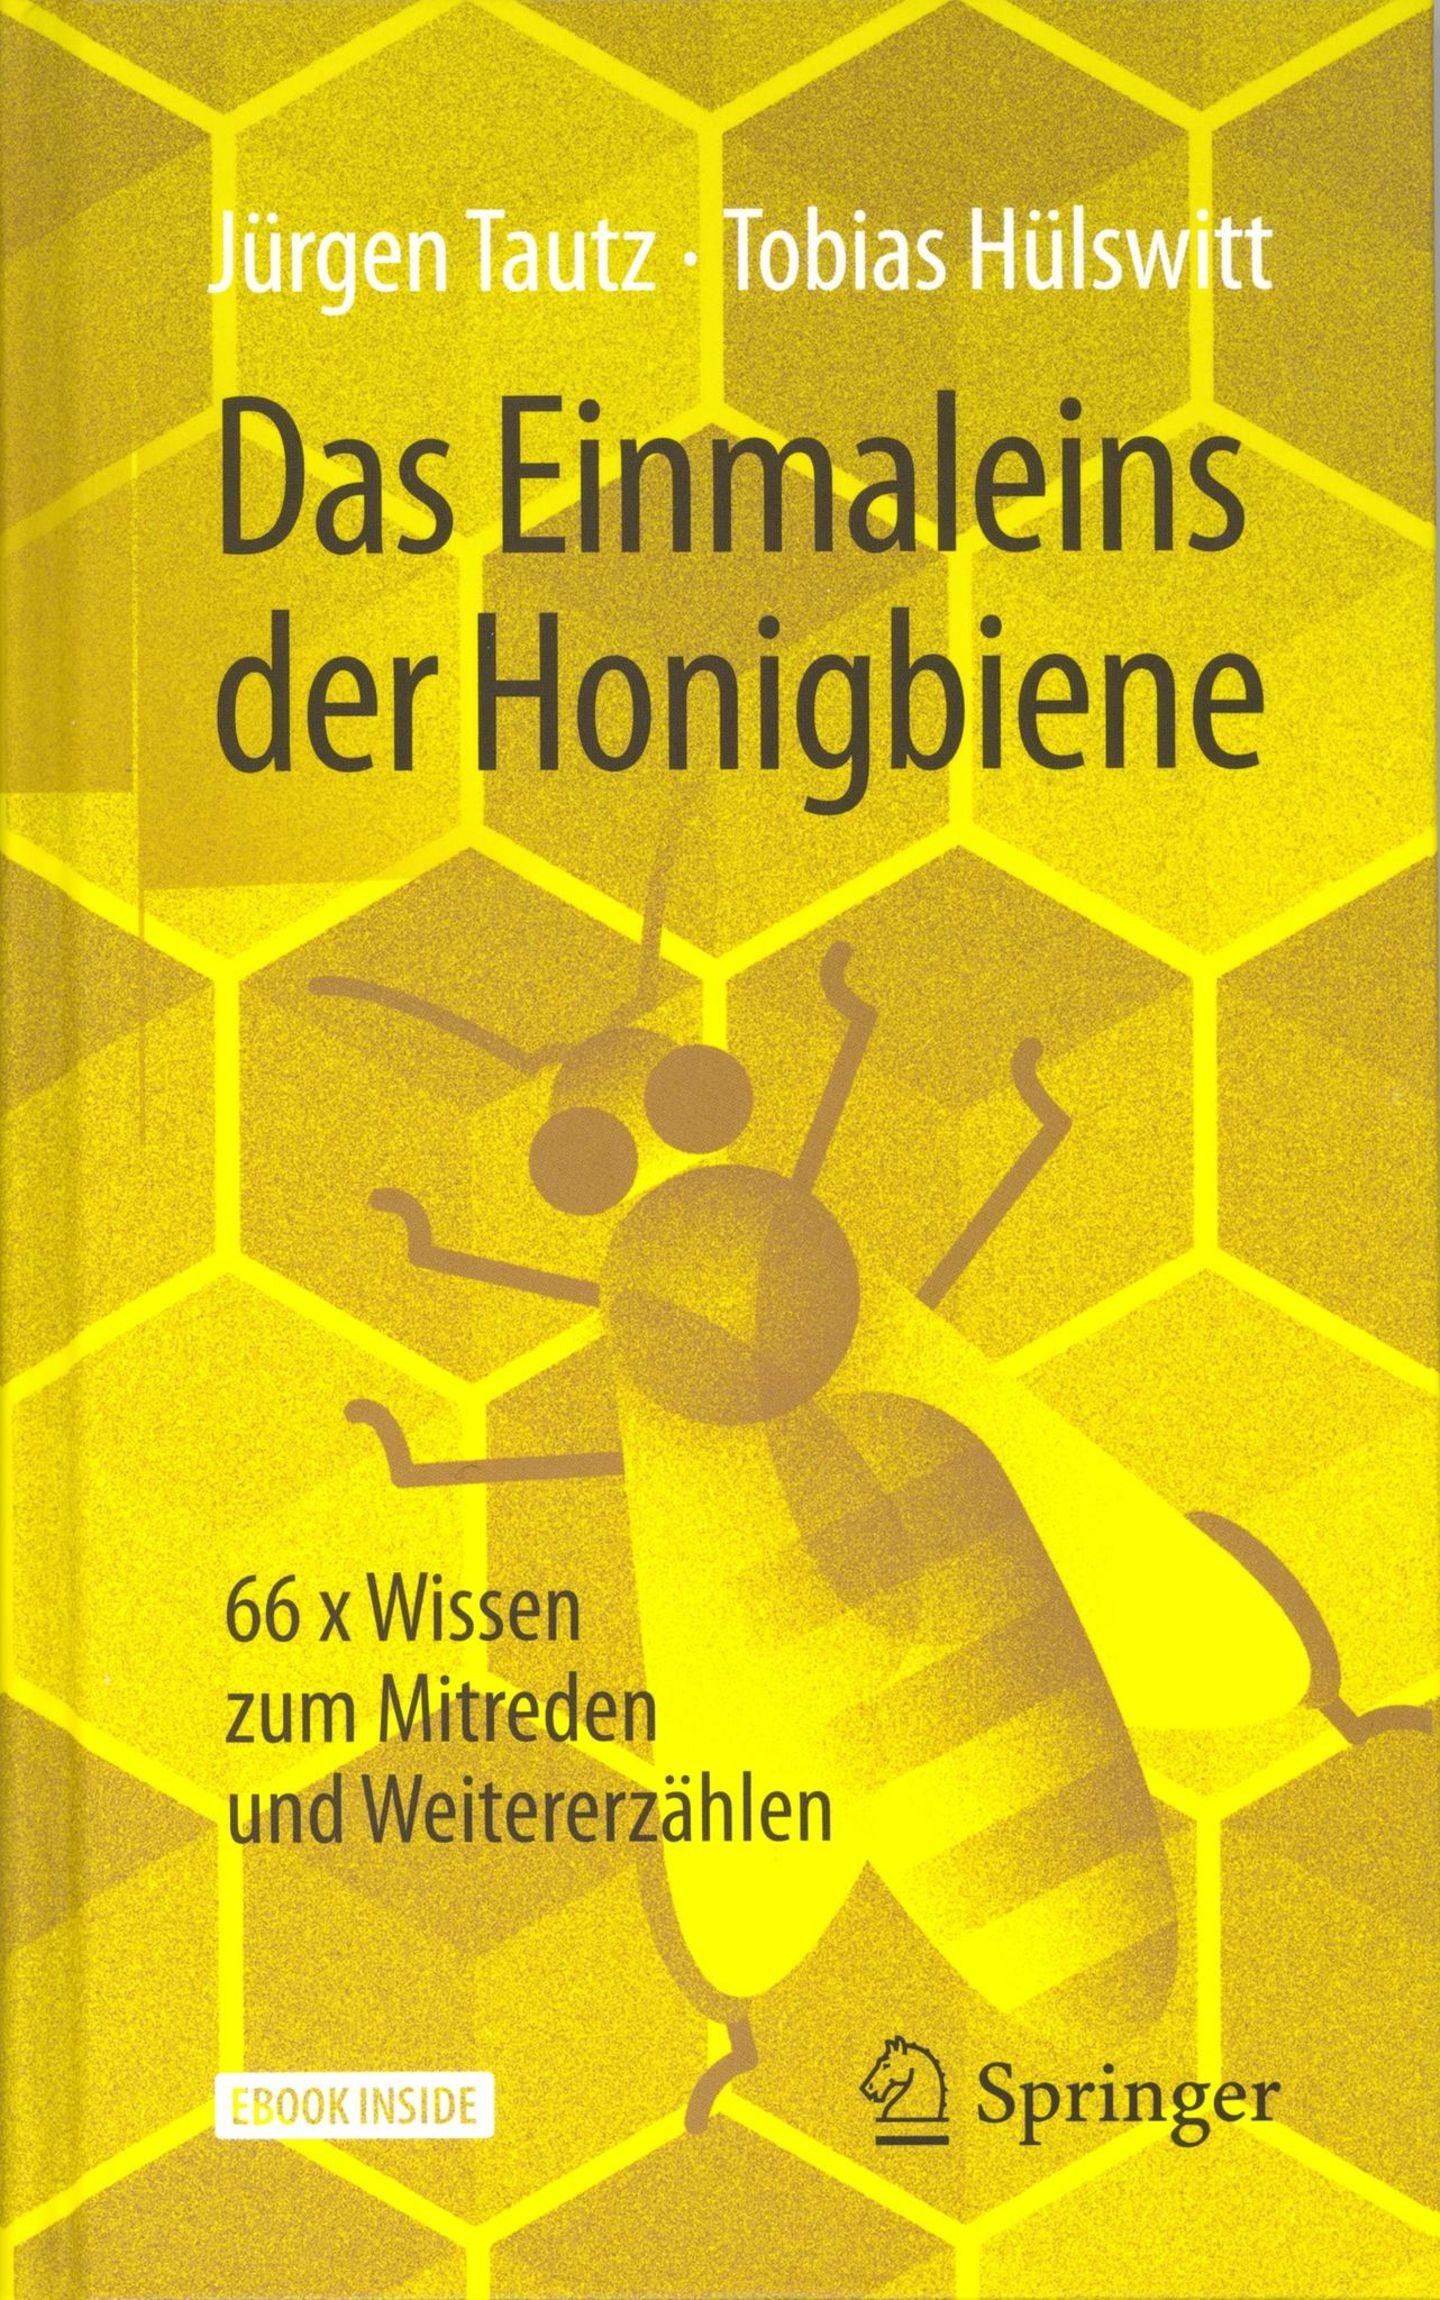 """Das Einmaleins der Honigbiene  Von Jürgen Tautz, Tobias Hülswitt      Der perfekte Einstieg in die Welt der Bienen ist die gerade veröffentlichte Fibel: """"Das Einmaleins der Honigbiene"""". Kurz, klar strukturiert werden hier spannende Fakten rund um die Bienen präsentiert: pro Seite ein Erkenntnishappen. Wo der Leser ins Buch einsteigt, ist dabei egal. Jedes der insgesamt 66 Themen steht für sich und ist stets so spannend, dass der Leser garantiert """"kleben""""bleibt. Wie erkennt man schlafende Bienen?Warum sind ältereBienen eigentlich die Jüngeren? Wie Bienen ihreUmgebung mit Hilfe von Düften kartografieren. Derart mit Wissen aufgeladen, kann man bei jedem Smalltalk über Bienen, Insektensterben undNachhaltigkeit glänzen. Die E-Book-Variante gibt es kostenlos zum Buch dazu. Und da das Buch ein Hochkantformat hat, passt es als E-Book perfekt auf ein Smartphone-Bildschirm."""